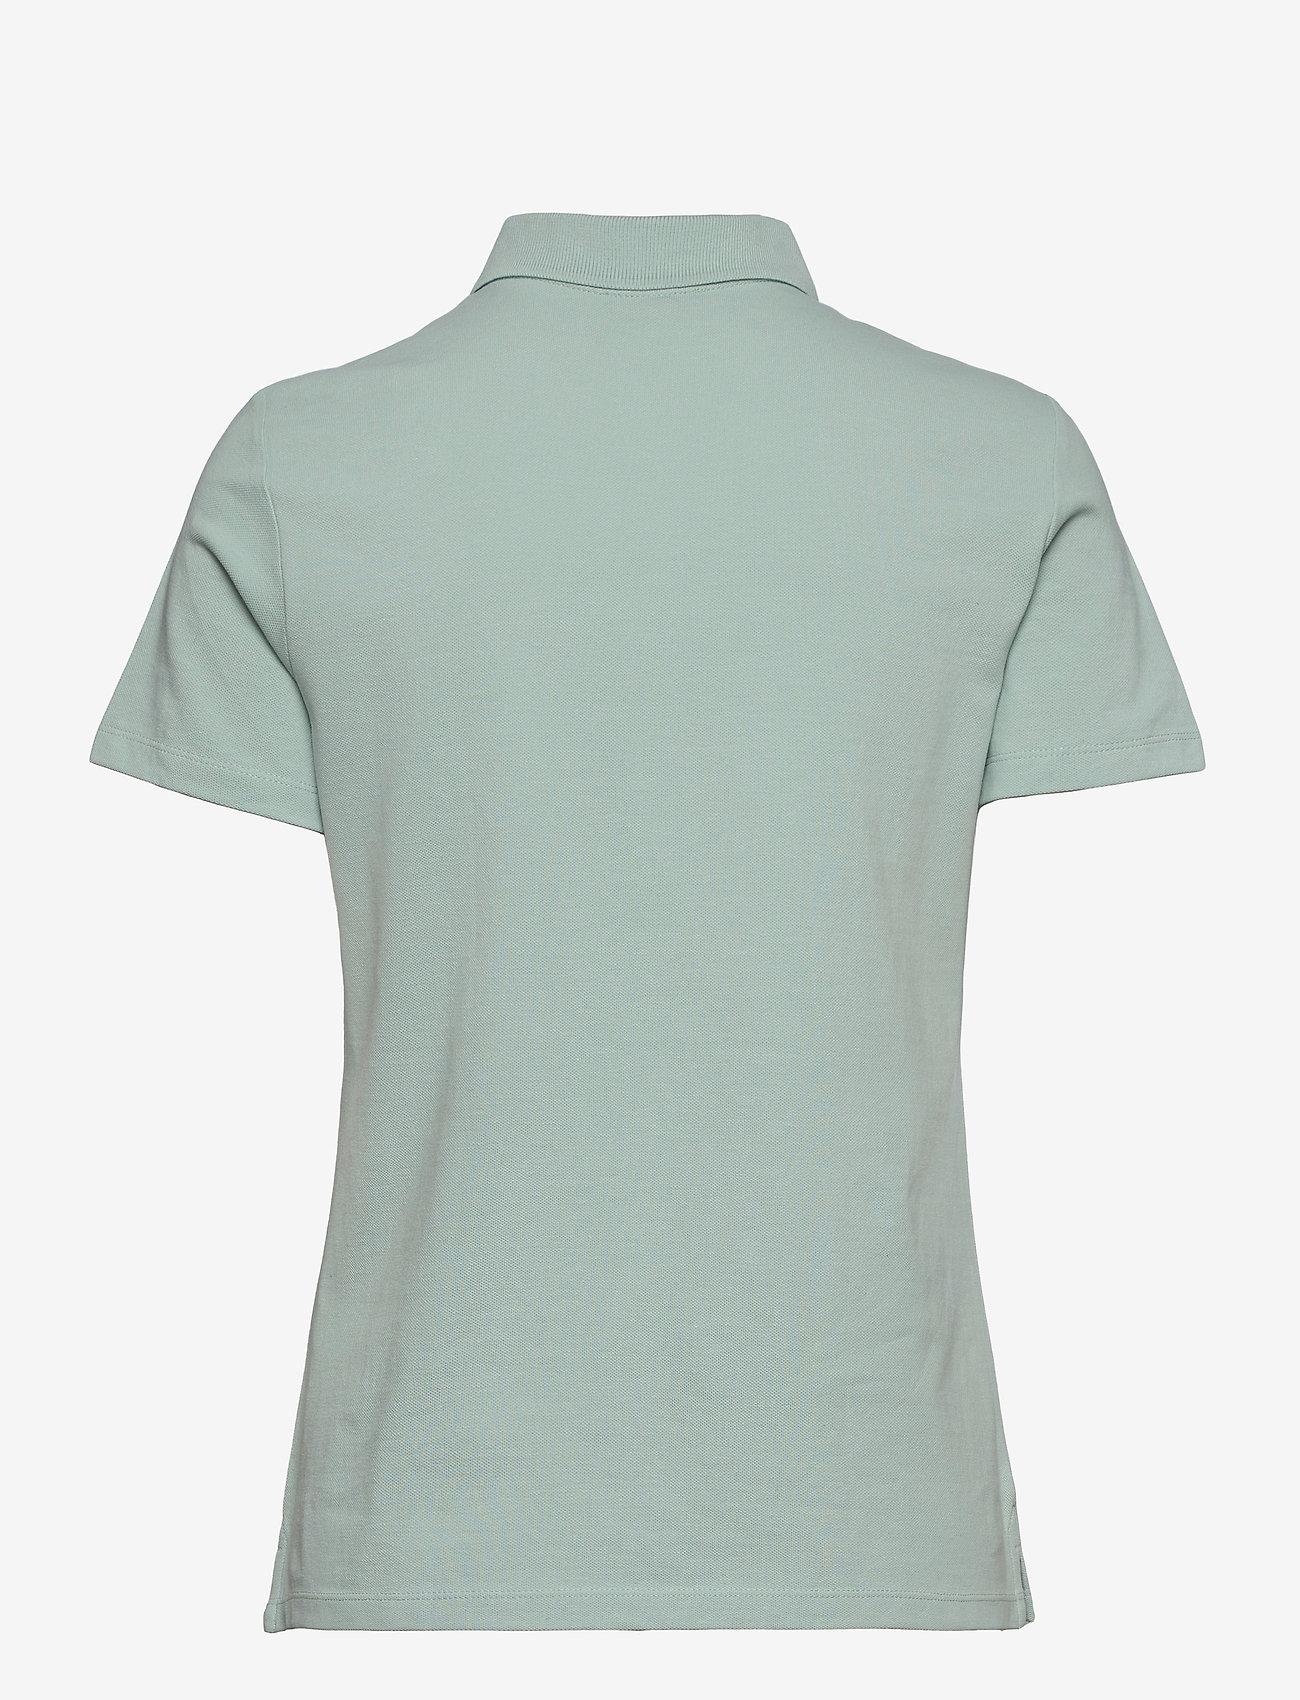 Esprit Casual - T-Shirts - polohemden - light aqua green - 1